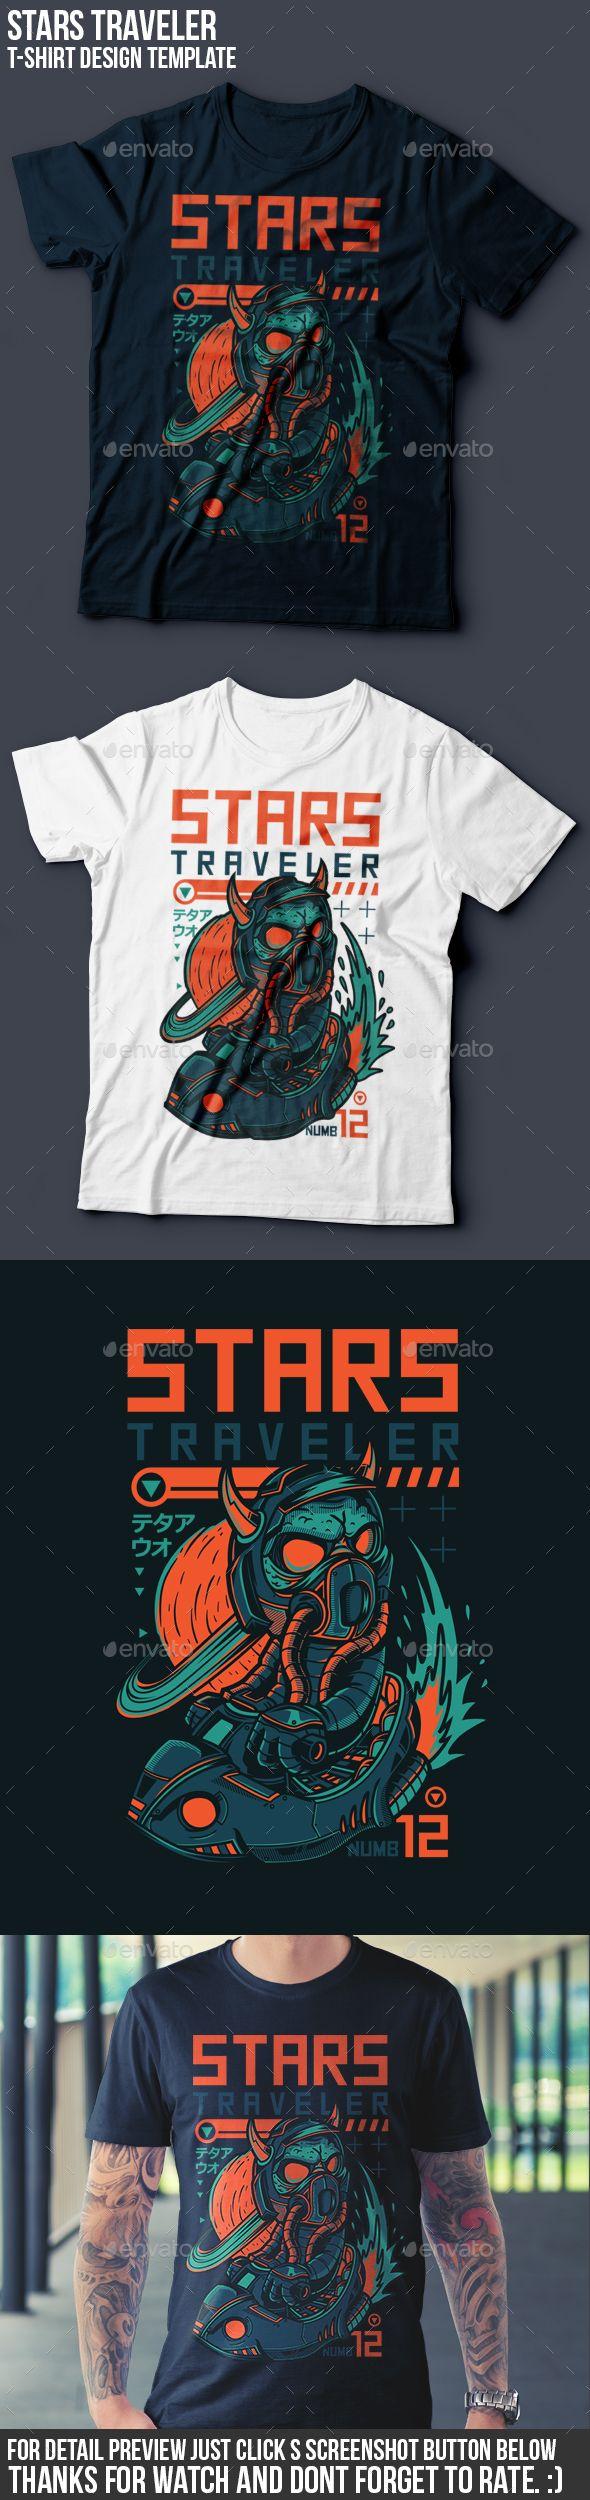 Shirt design eps - Stars Traveler T Shirt Design